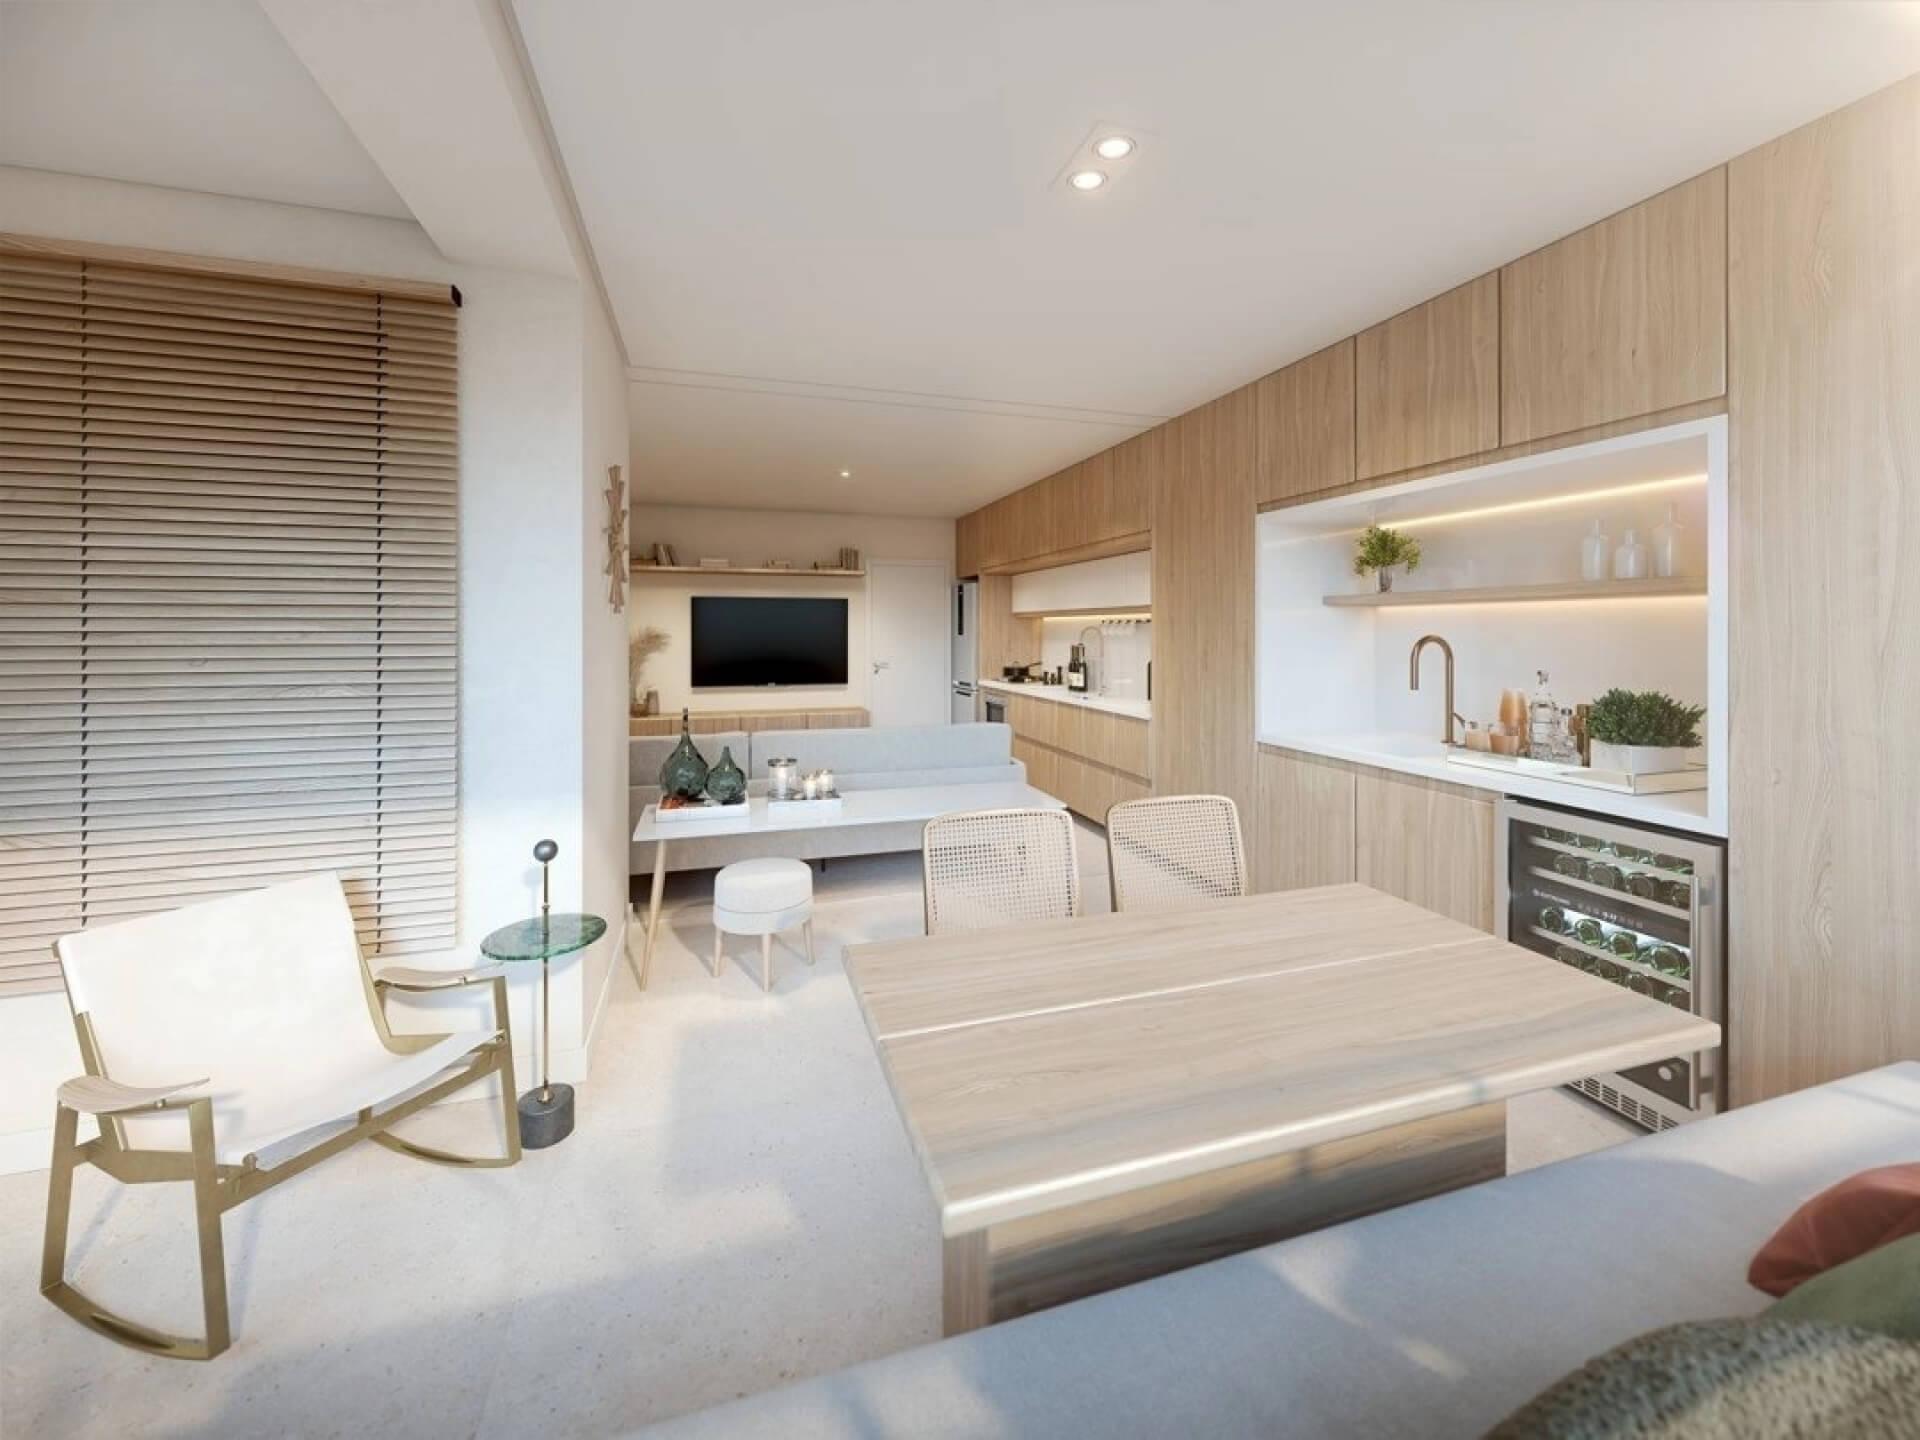 LIVING do apto de 61 m² com piso do terraço nivelado, permitindo integração total com os outros ambientes. A cozinha com configuração linear cria 2 espaços de funções distintas, uma para o preparo de refeições e outra para apoio da área gourmet.